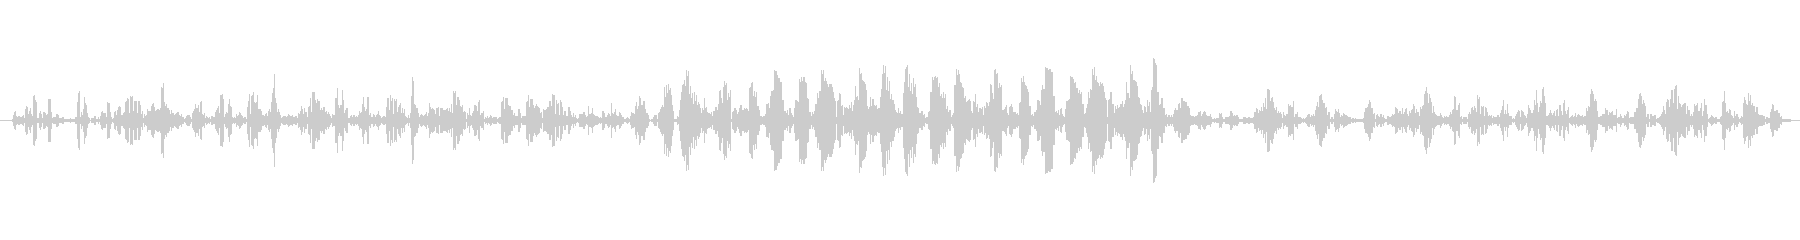 グランブルメカニカルローの未再生の波形